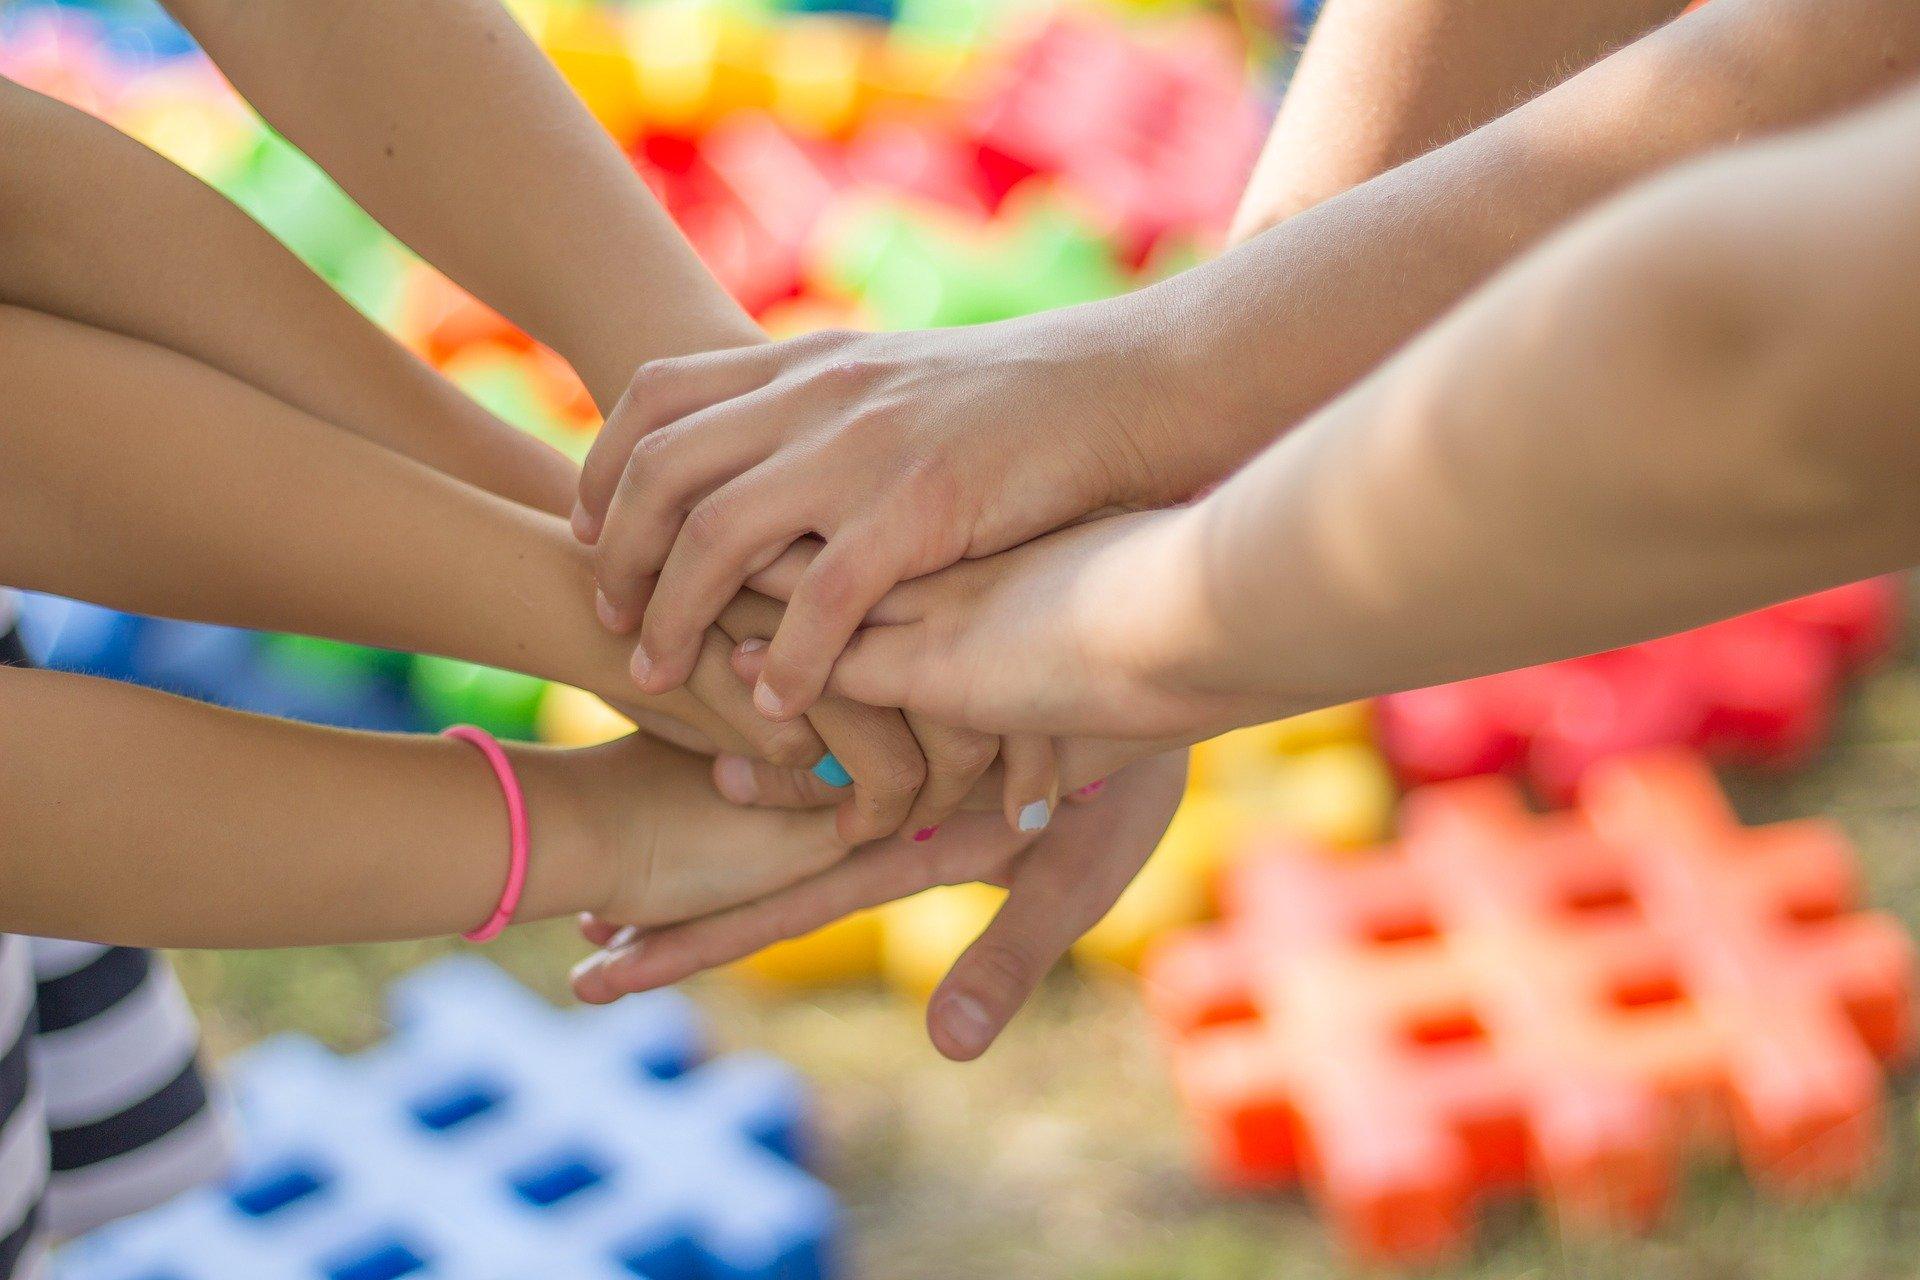 Hände von Kindern und Erwachsenen aufeinander